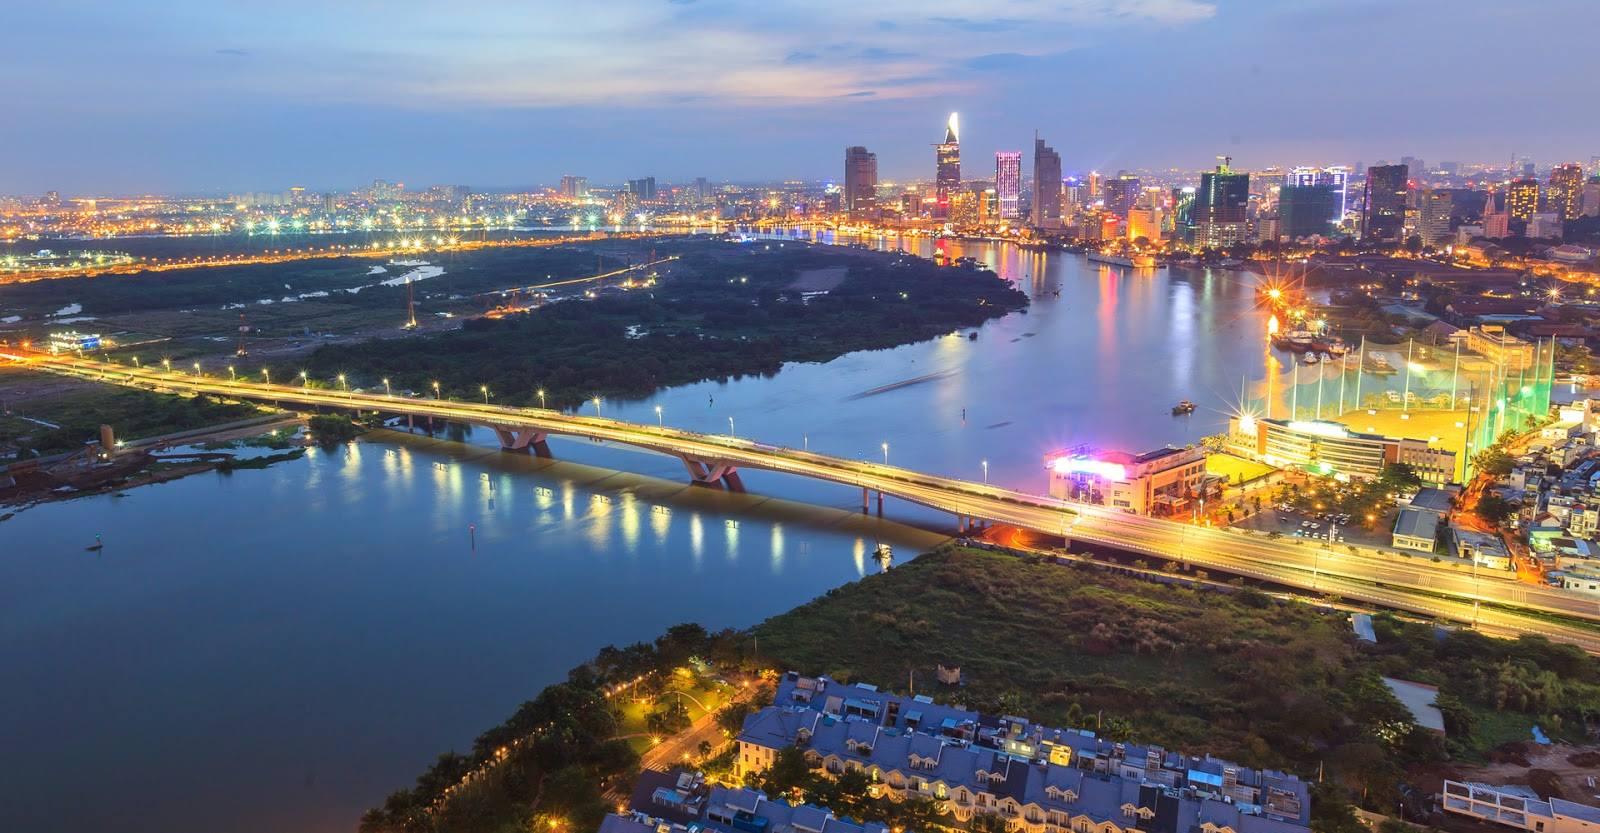 Bảng giá bất động sản Quận 2 mới nhất - Propzy.vn